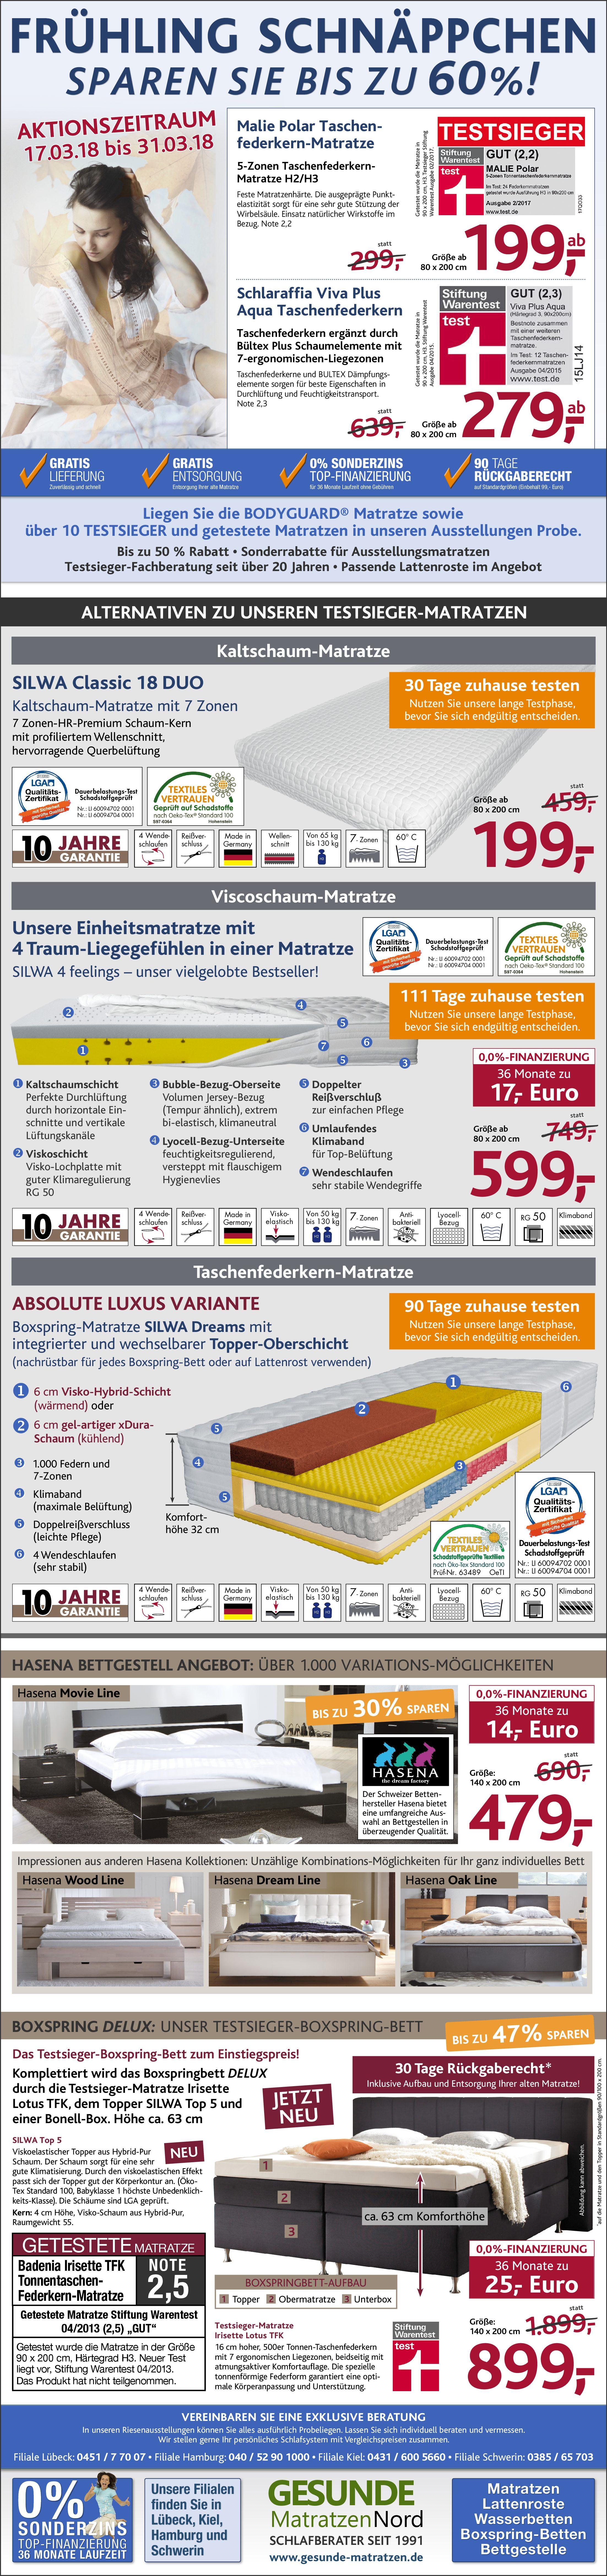 aktionstage herbst schnaeppchen matratzen pdf 11 - Aktionstage